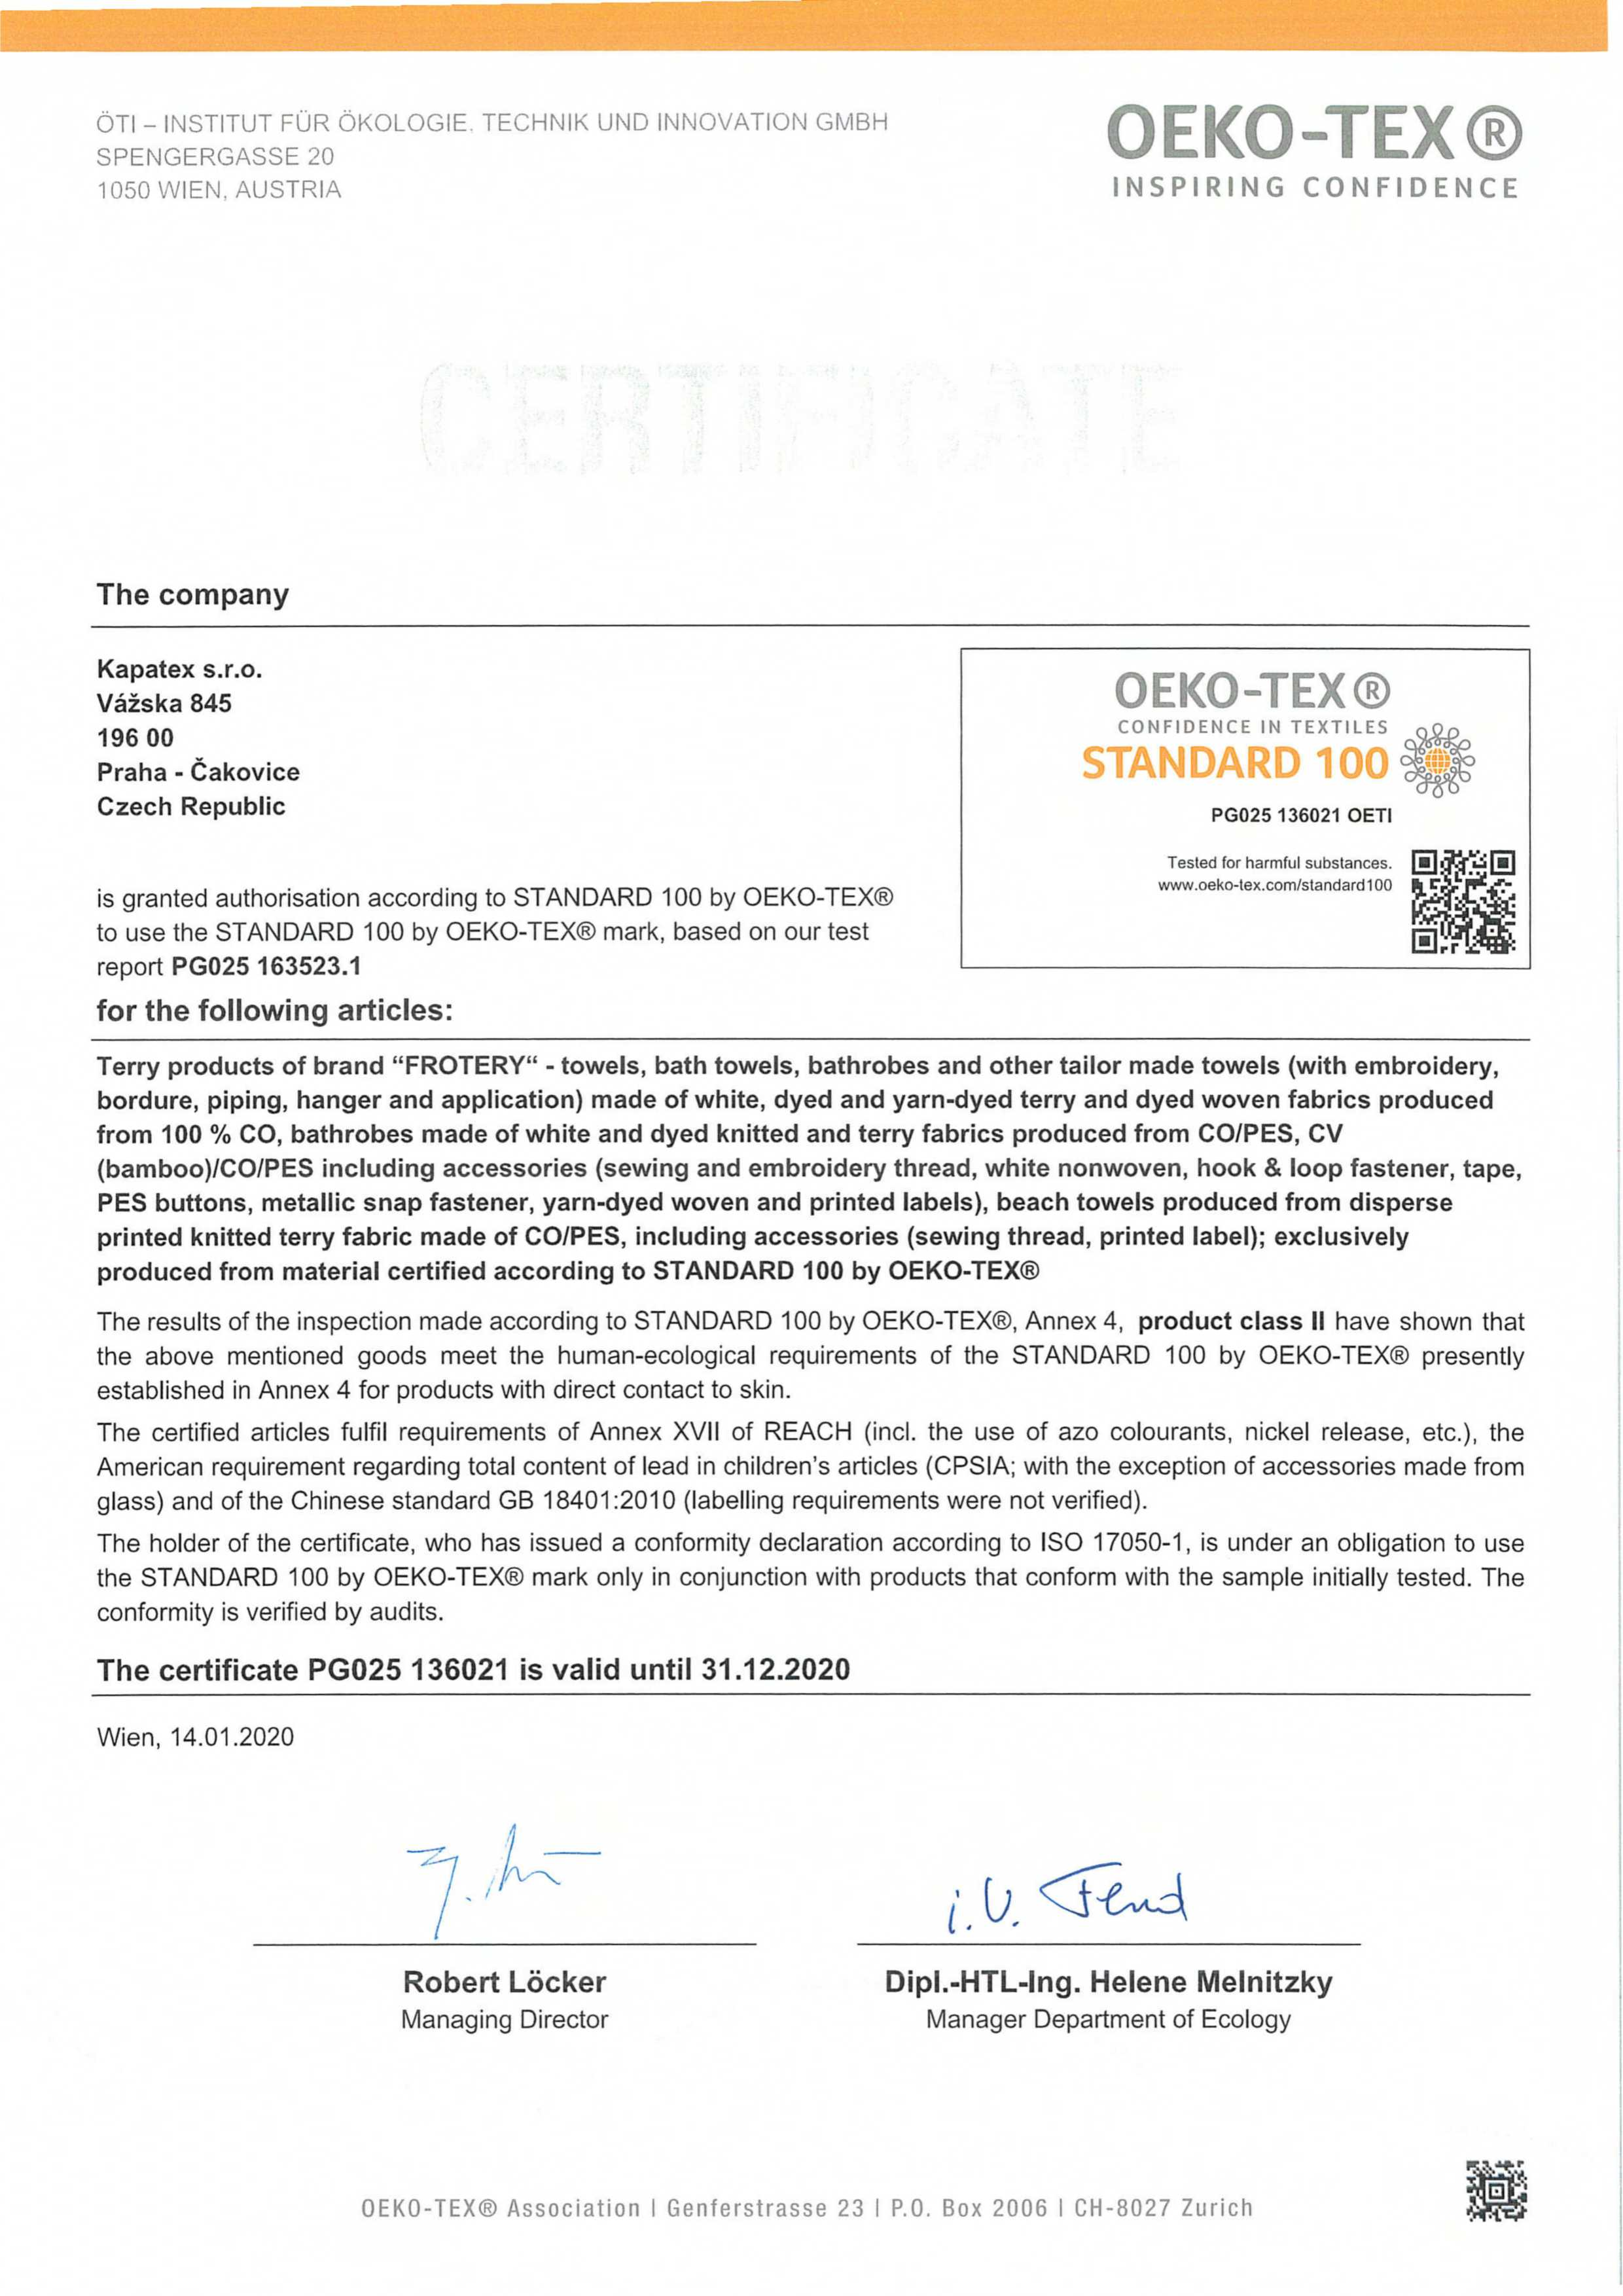 OEKOTEX certifikat Kapatex 2020